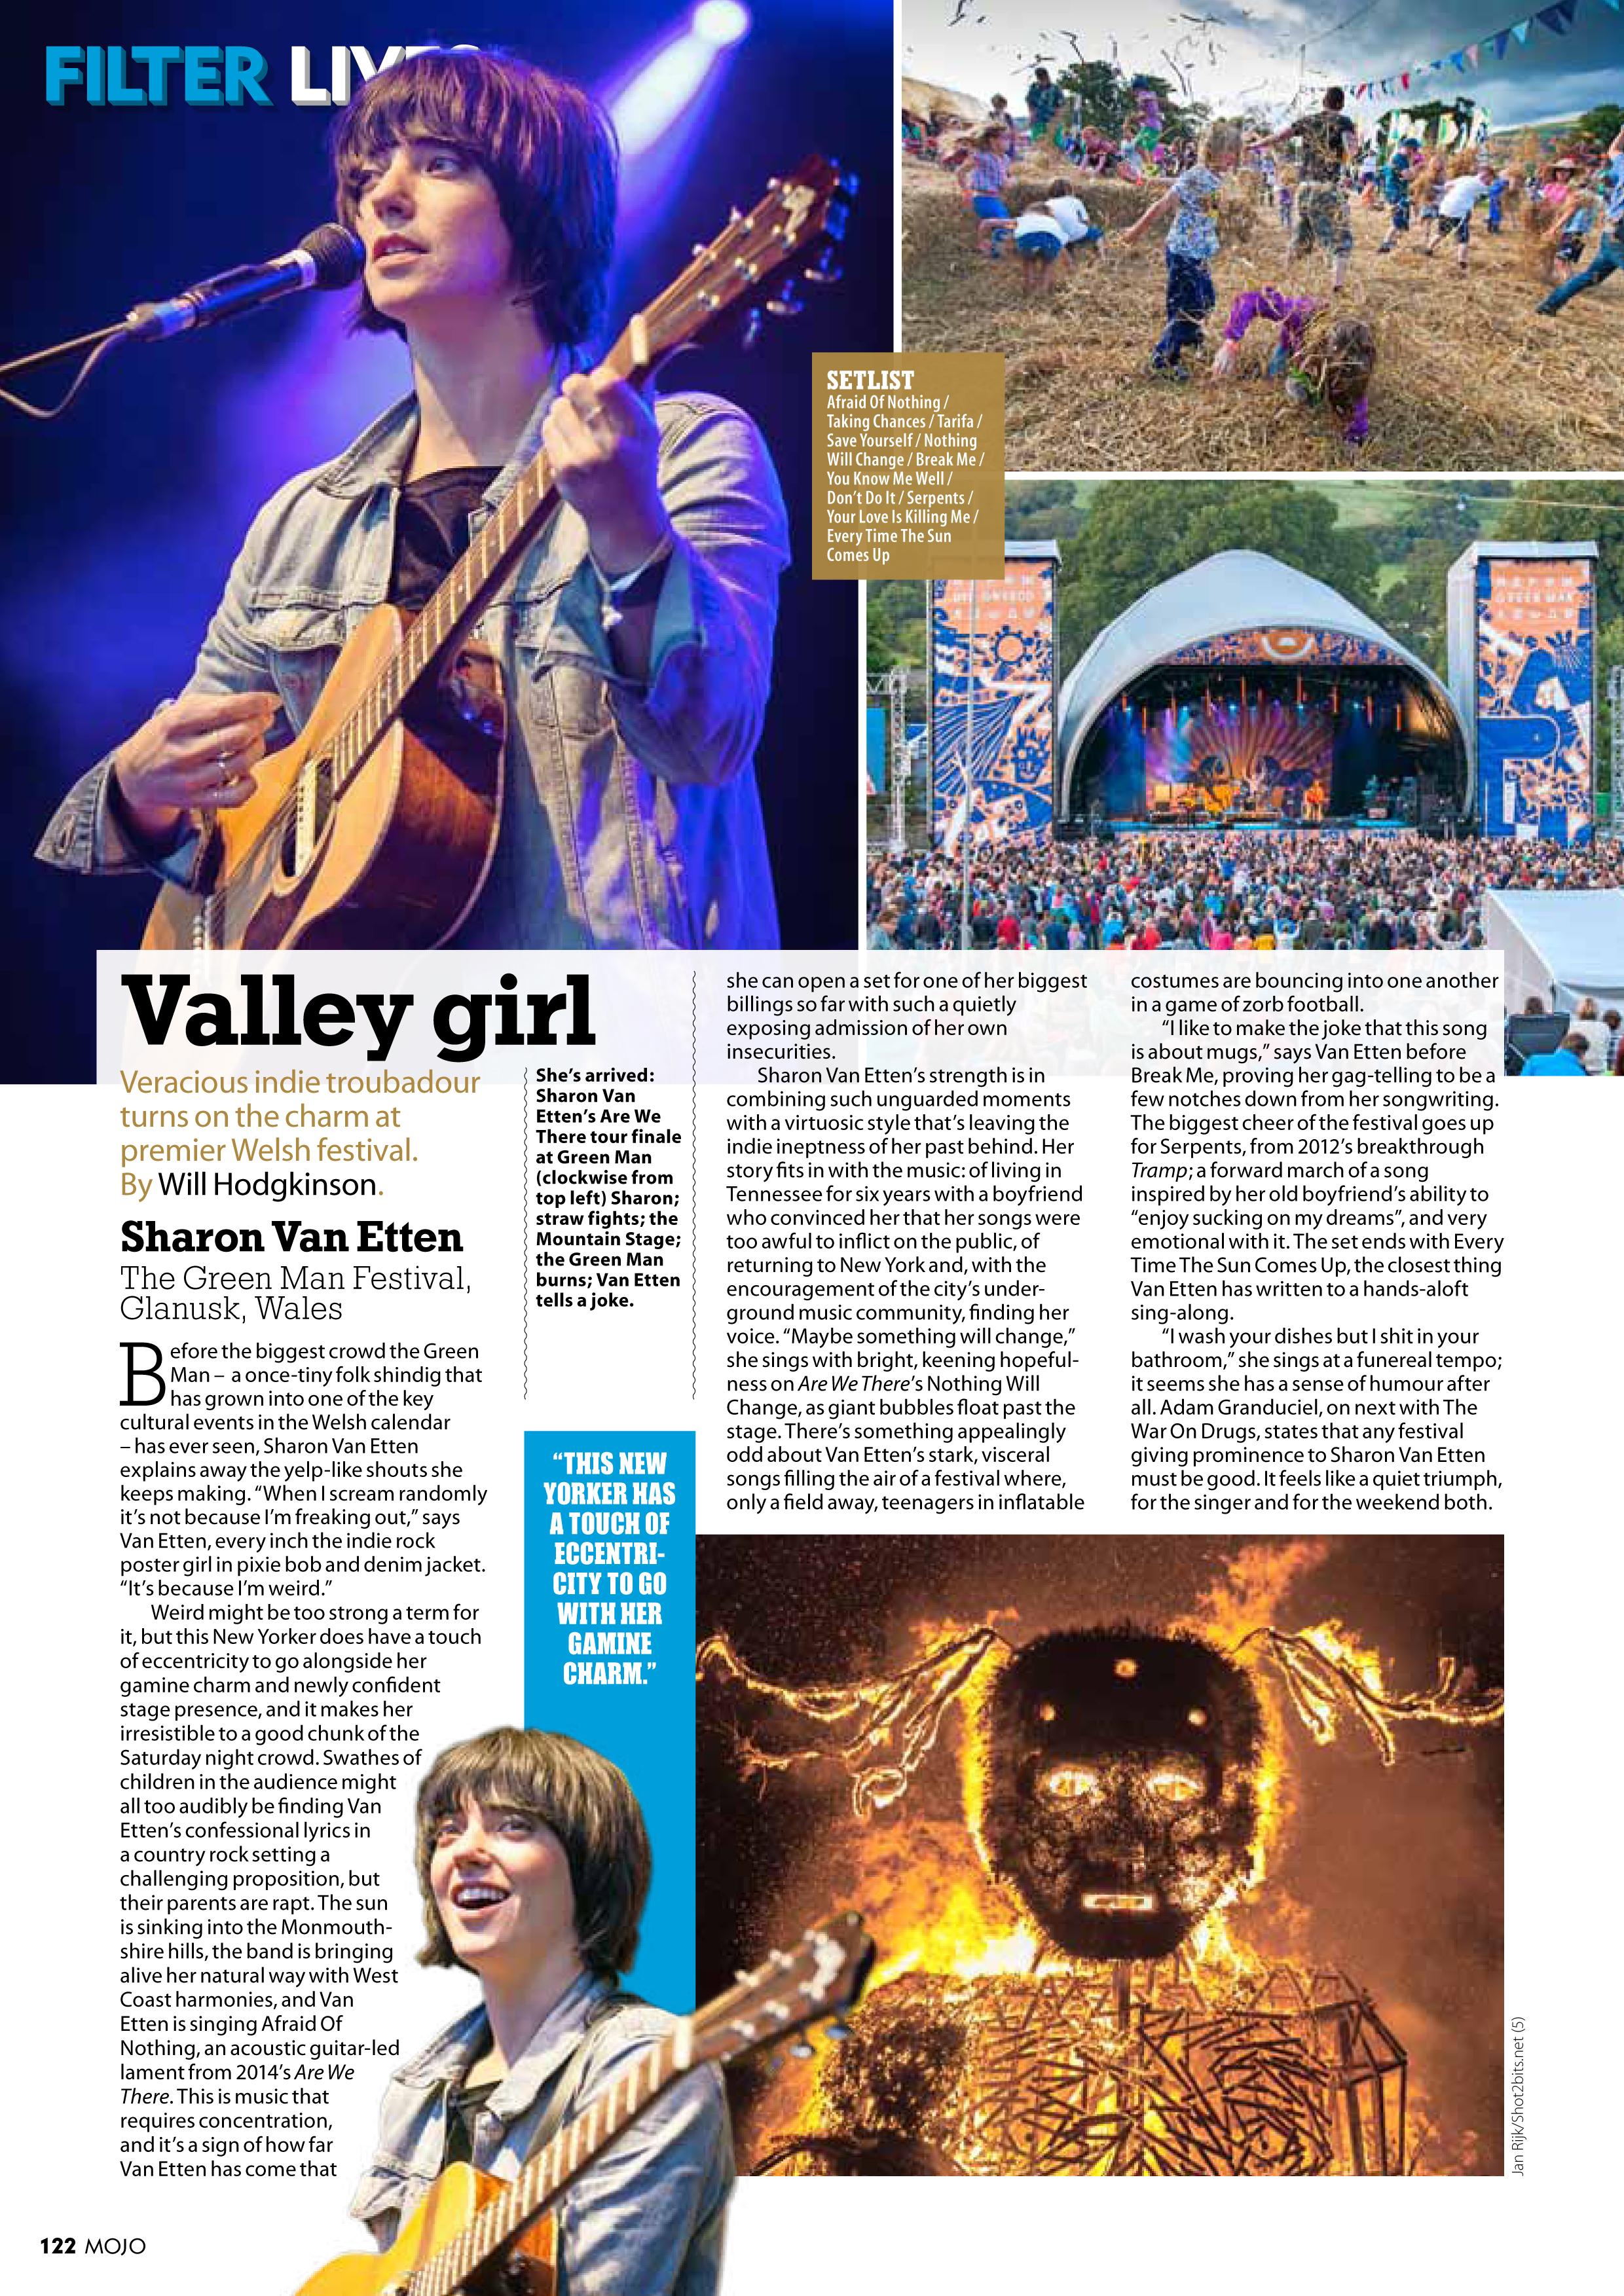 MOJO Magazine November 2013